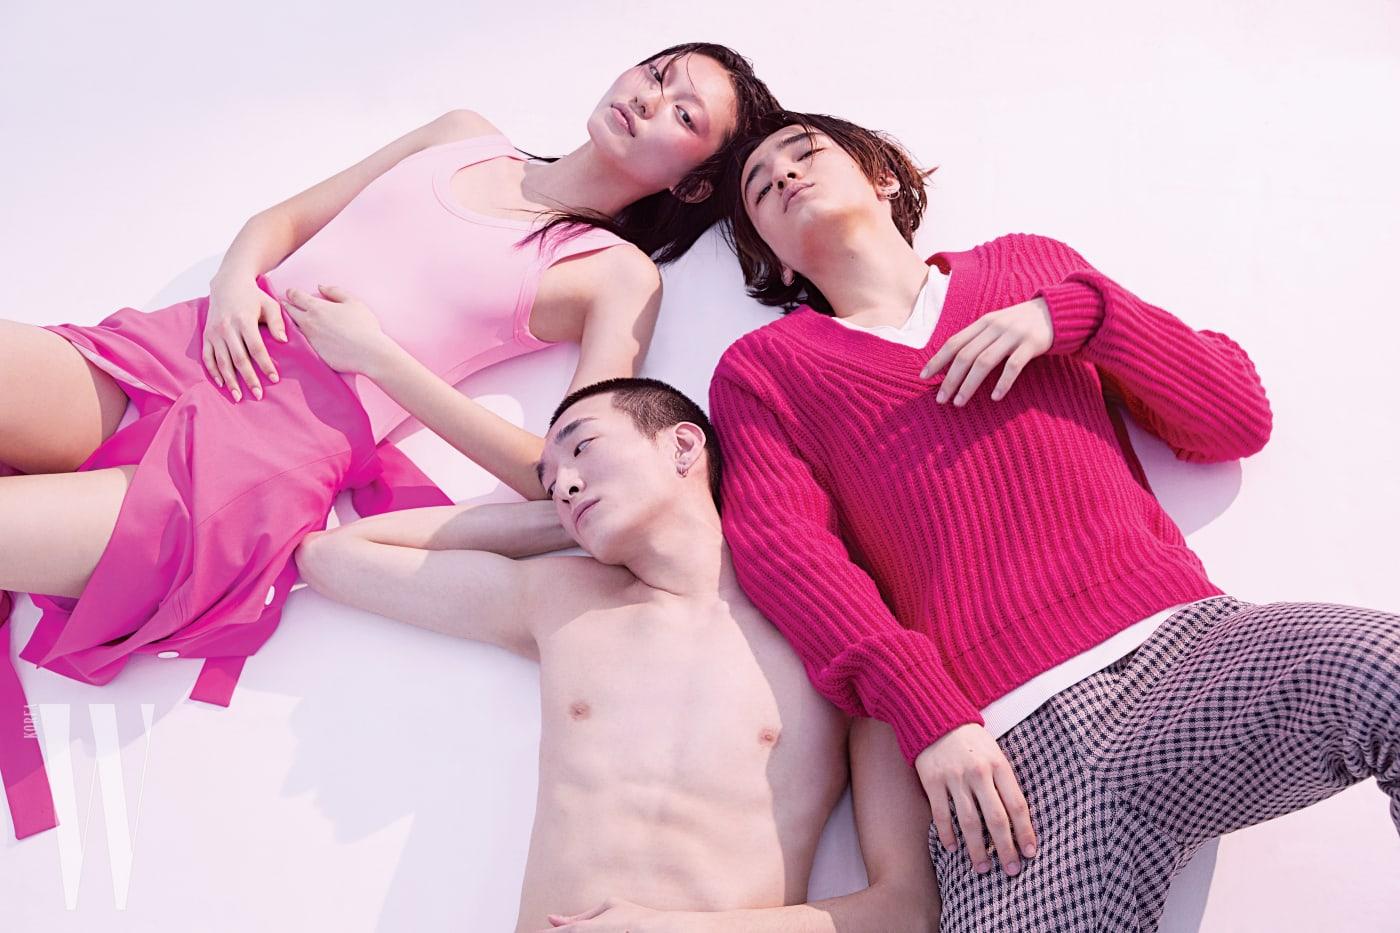 가영이 입은 핑크색 보디슈트는 발렌티노 제품. 가격 미정. 토비가 입은 브이넥 니트는 톰 포드 제품. 1백만원대. 체크무늬 팬츠는 펜디 제품. 가격 미정.